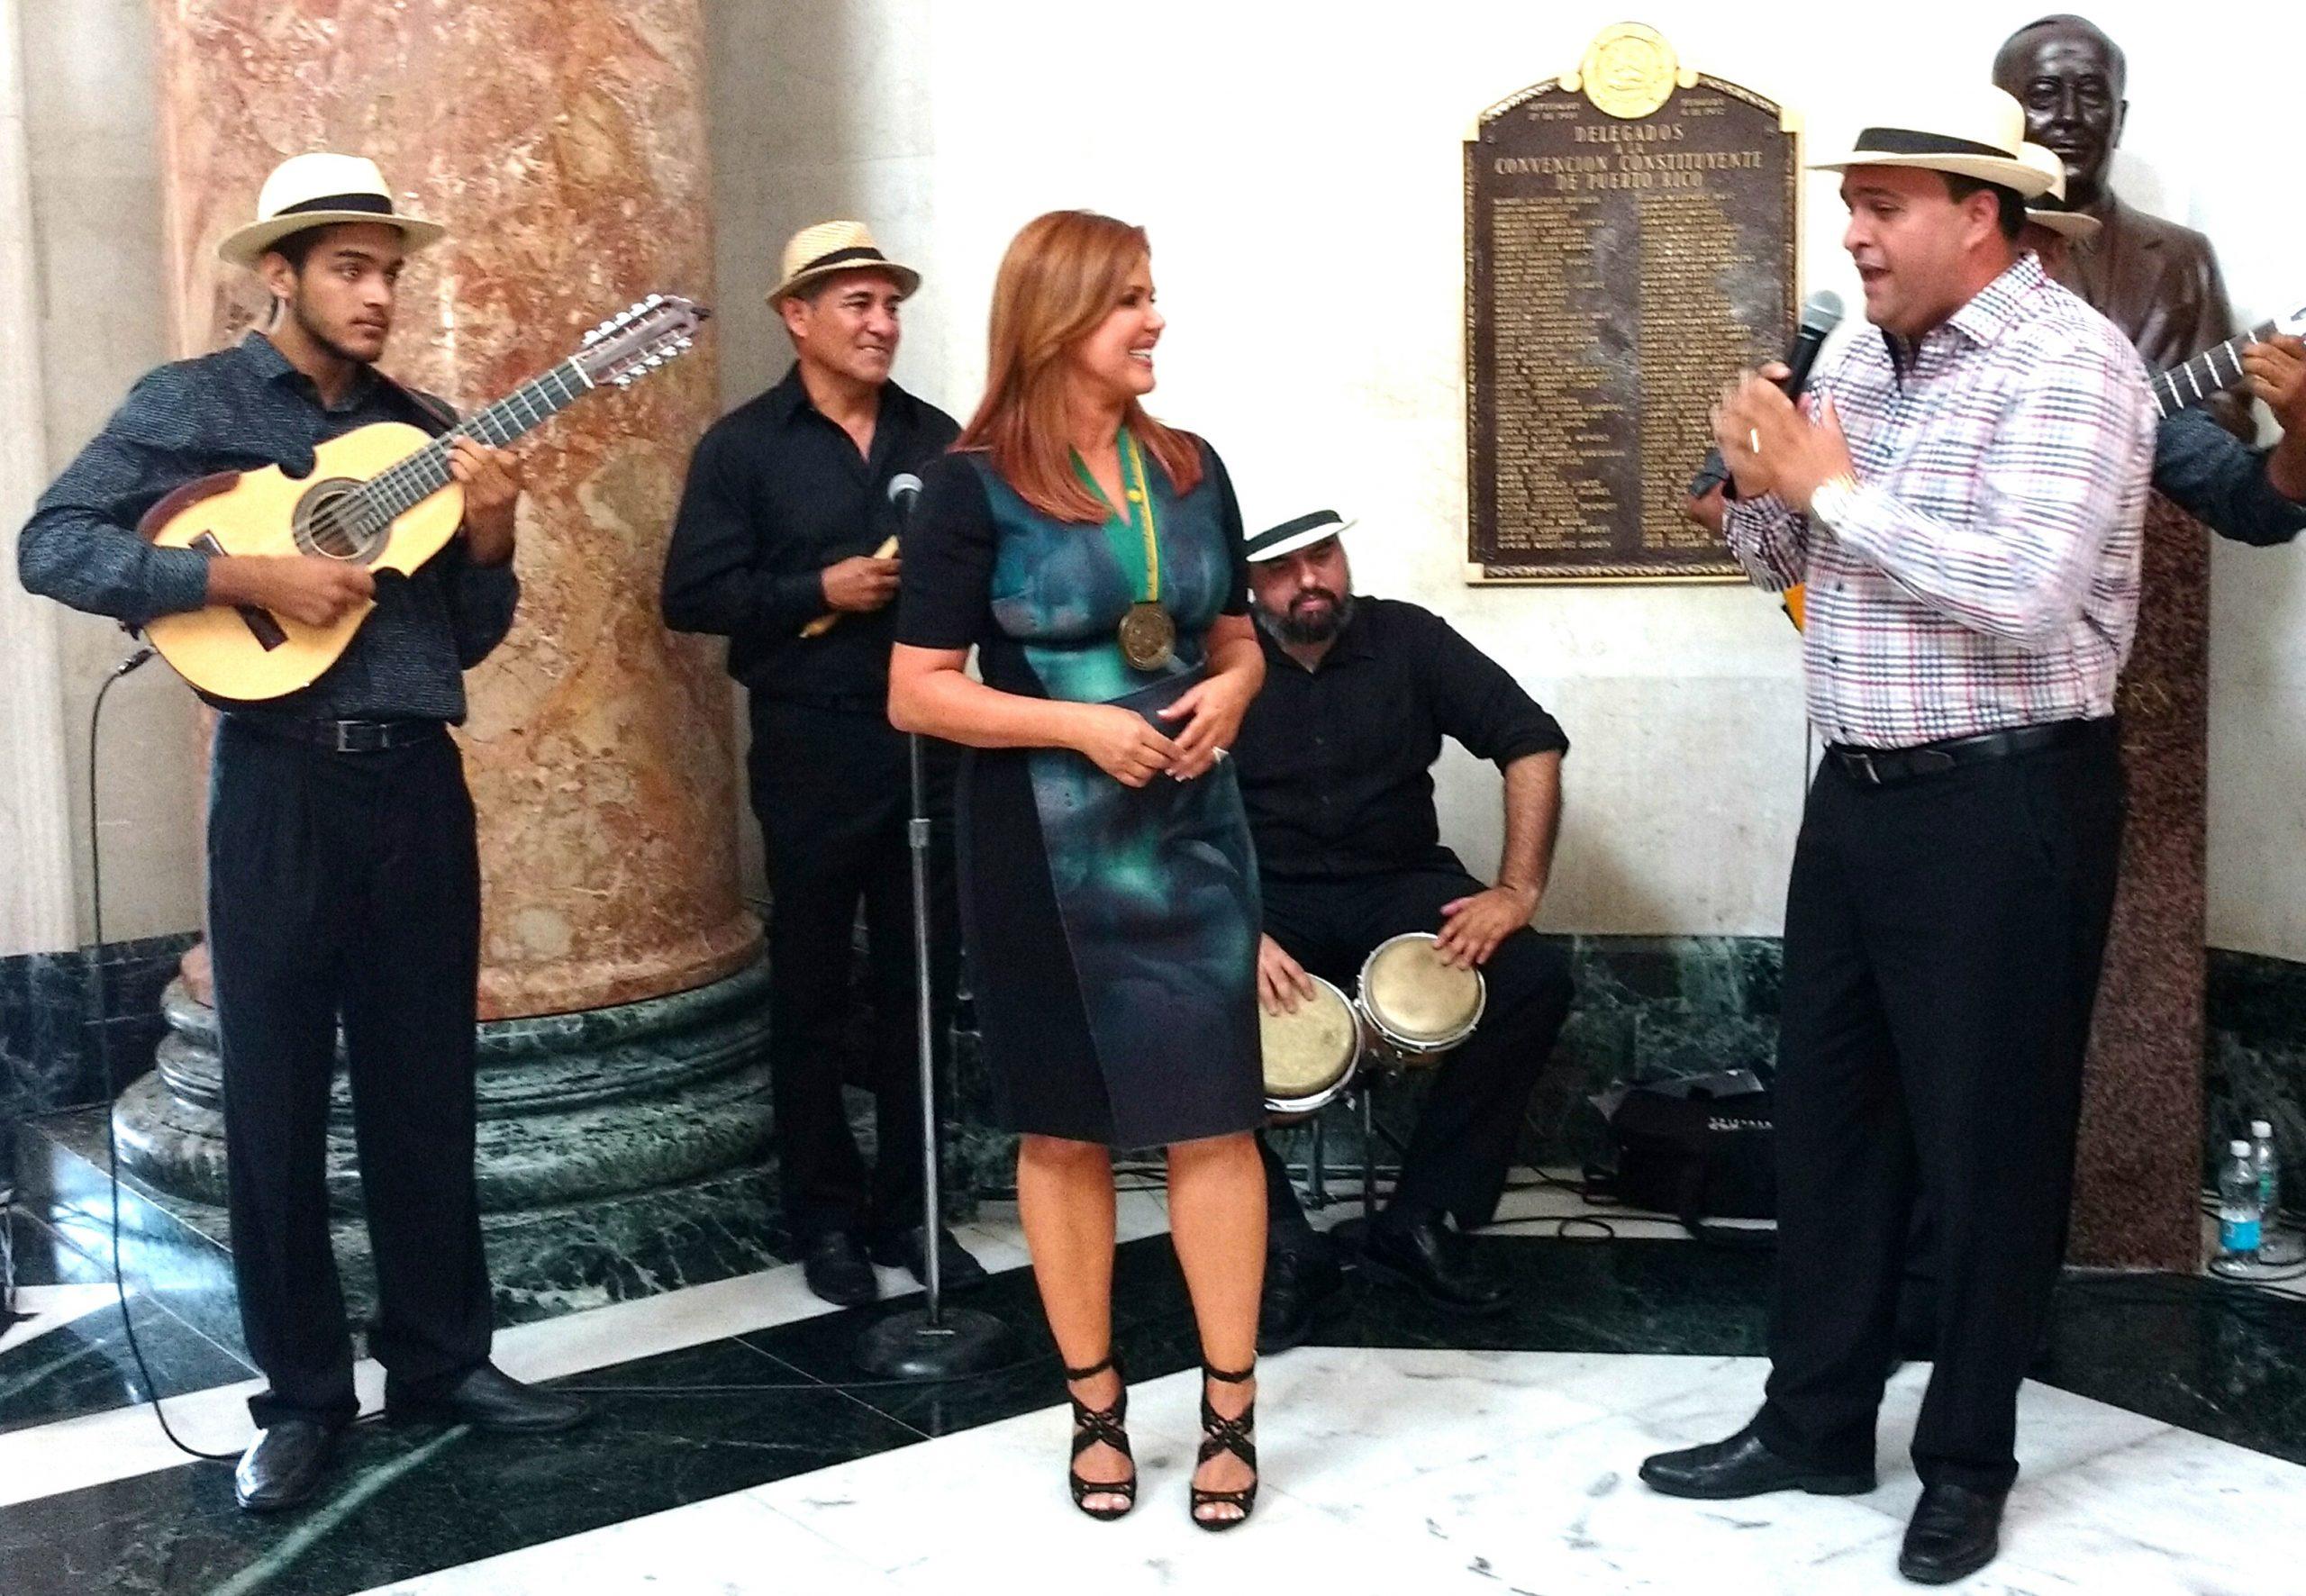 El trovador Omar Santiago, del grupo Decimamía, le cantó a la periodista en su homenaje. (Foto Luis Ernesto Berríos para Fundación Nacional para la Cultura Popular)